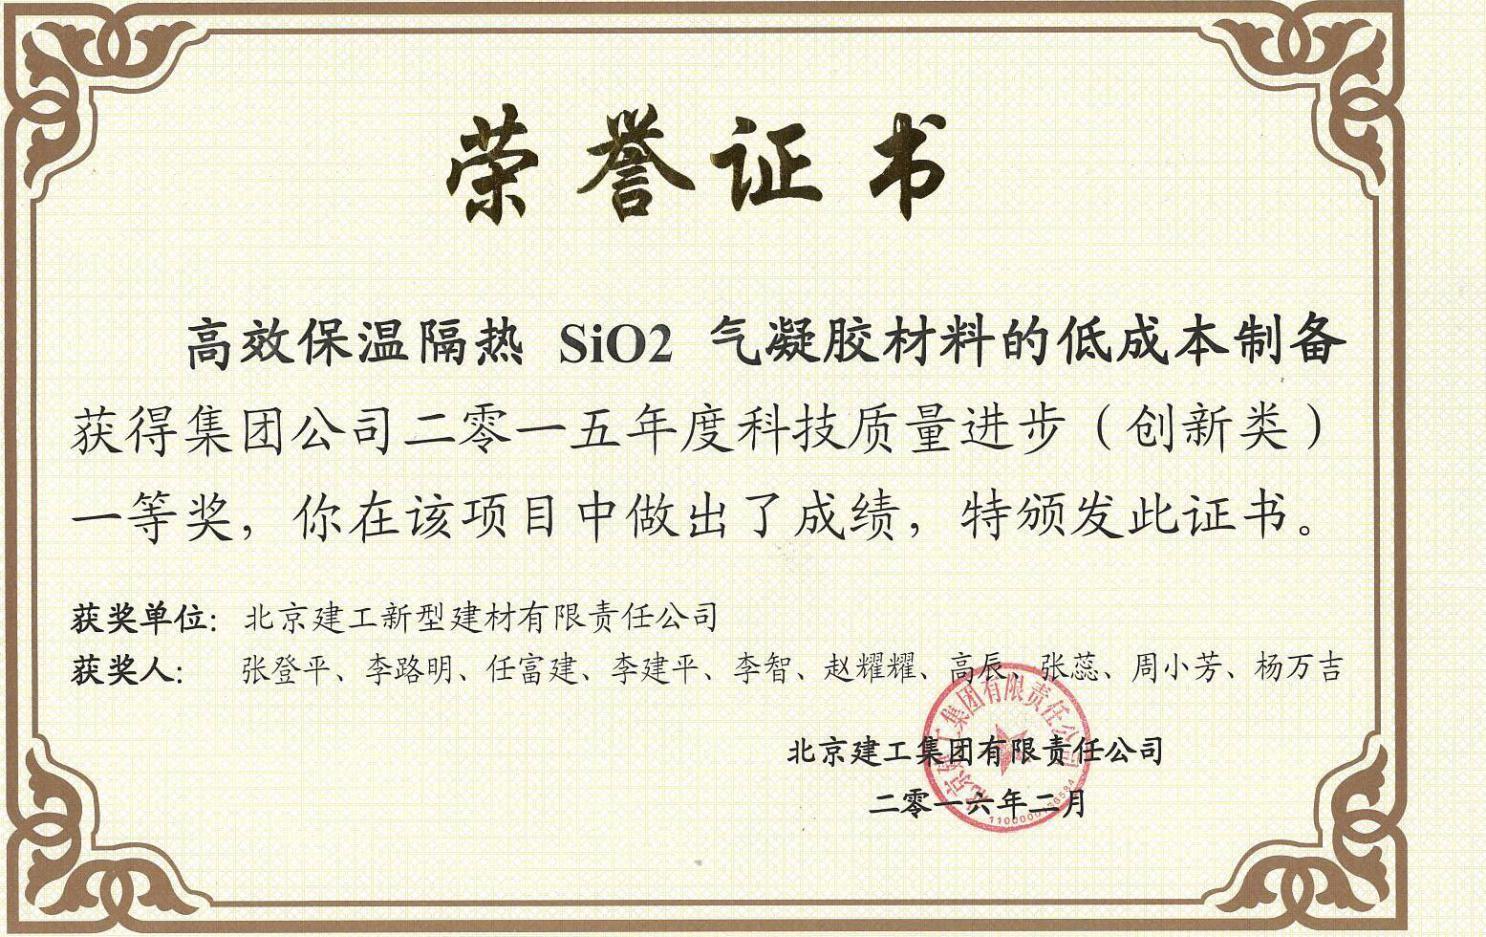 高效保温隔热SiO2气凝胶材料的低成本制备